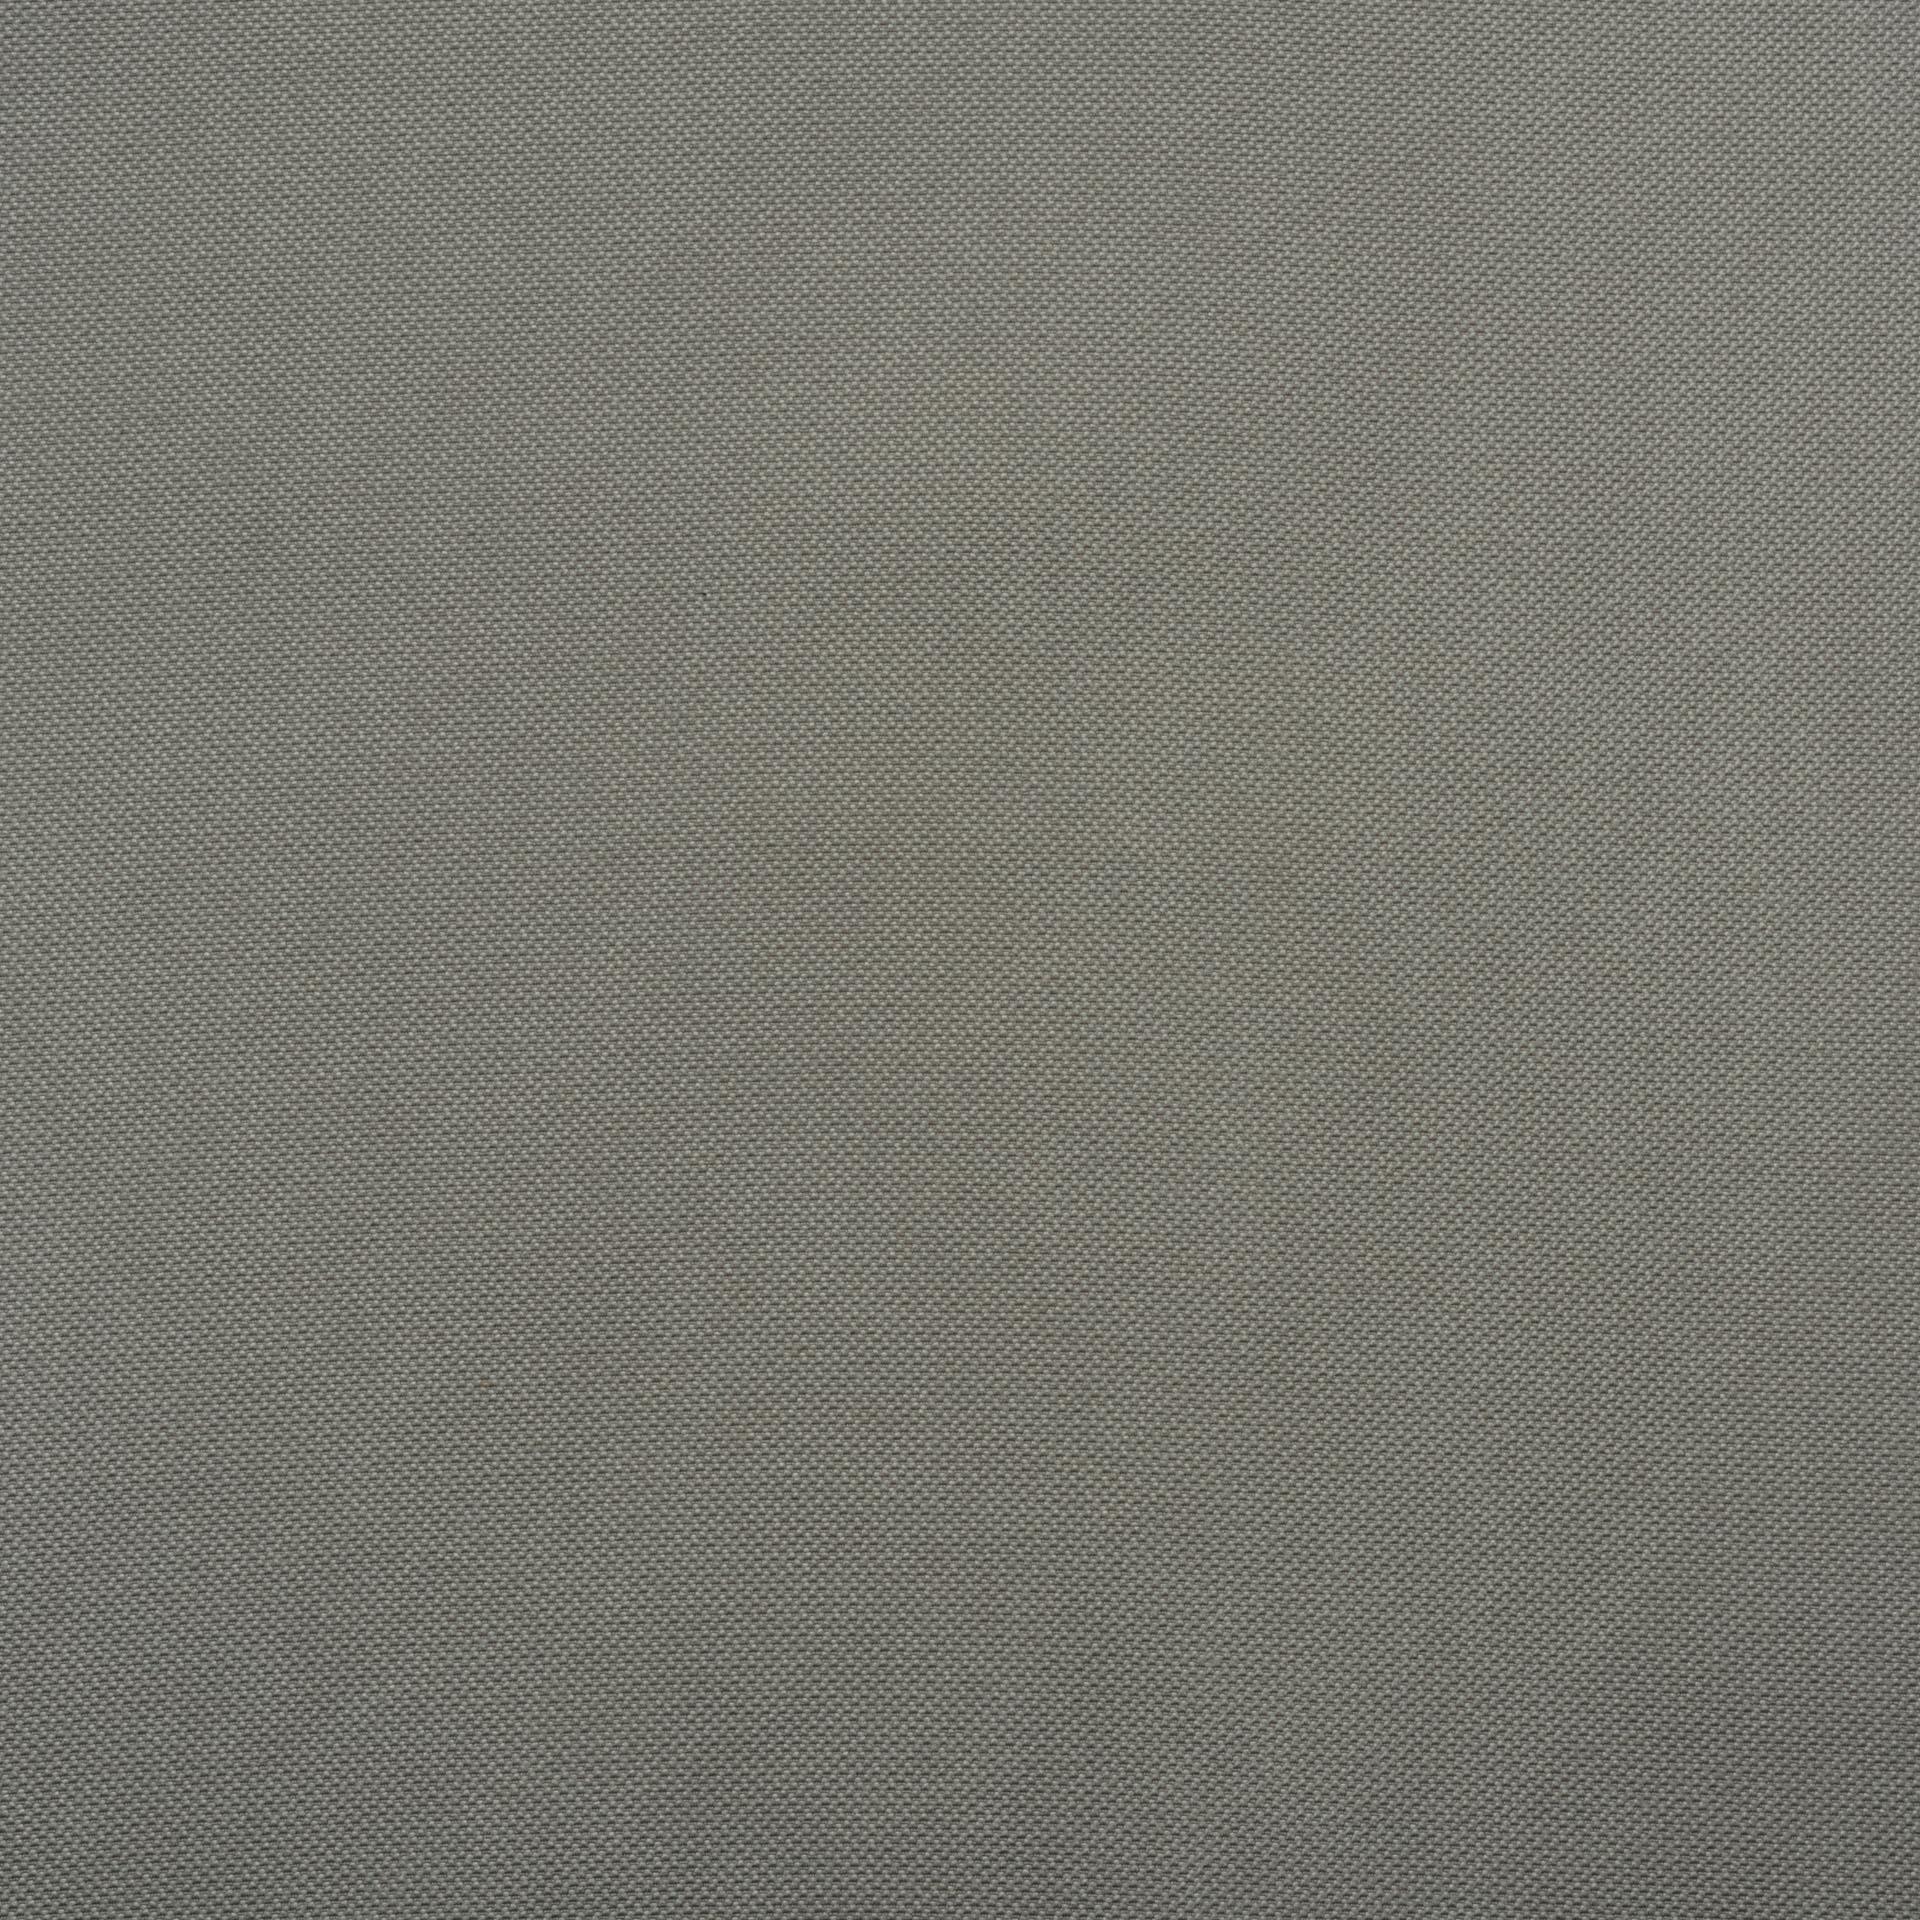 Коллекция ткани Стэнли 21 DOVE GREY,  купить ткань Жаккард для мебели Украина